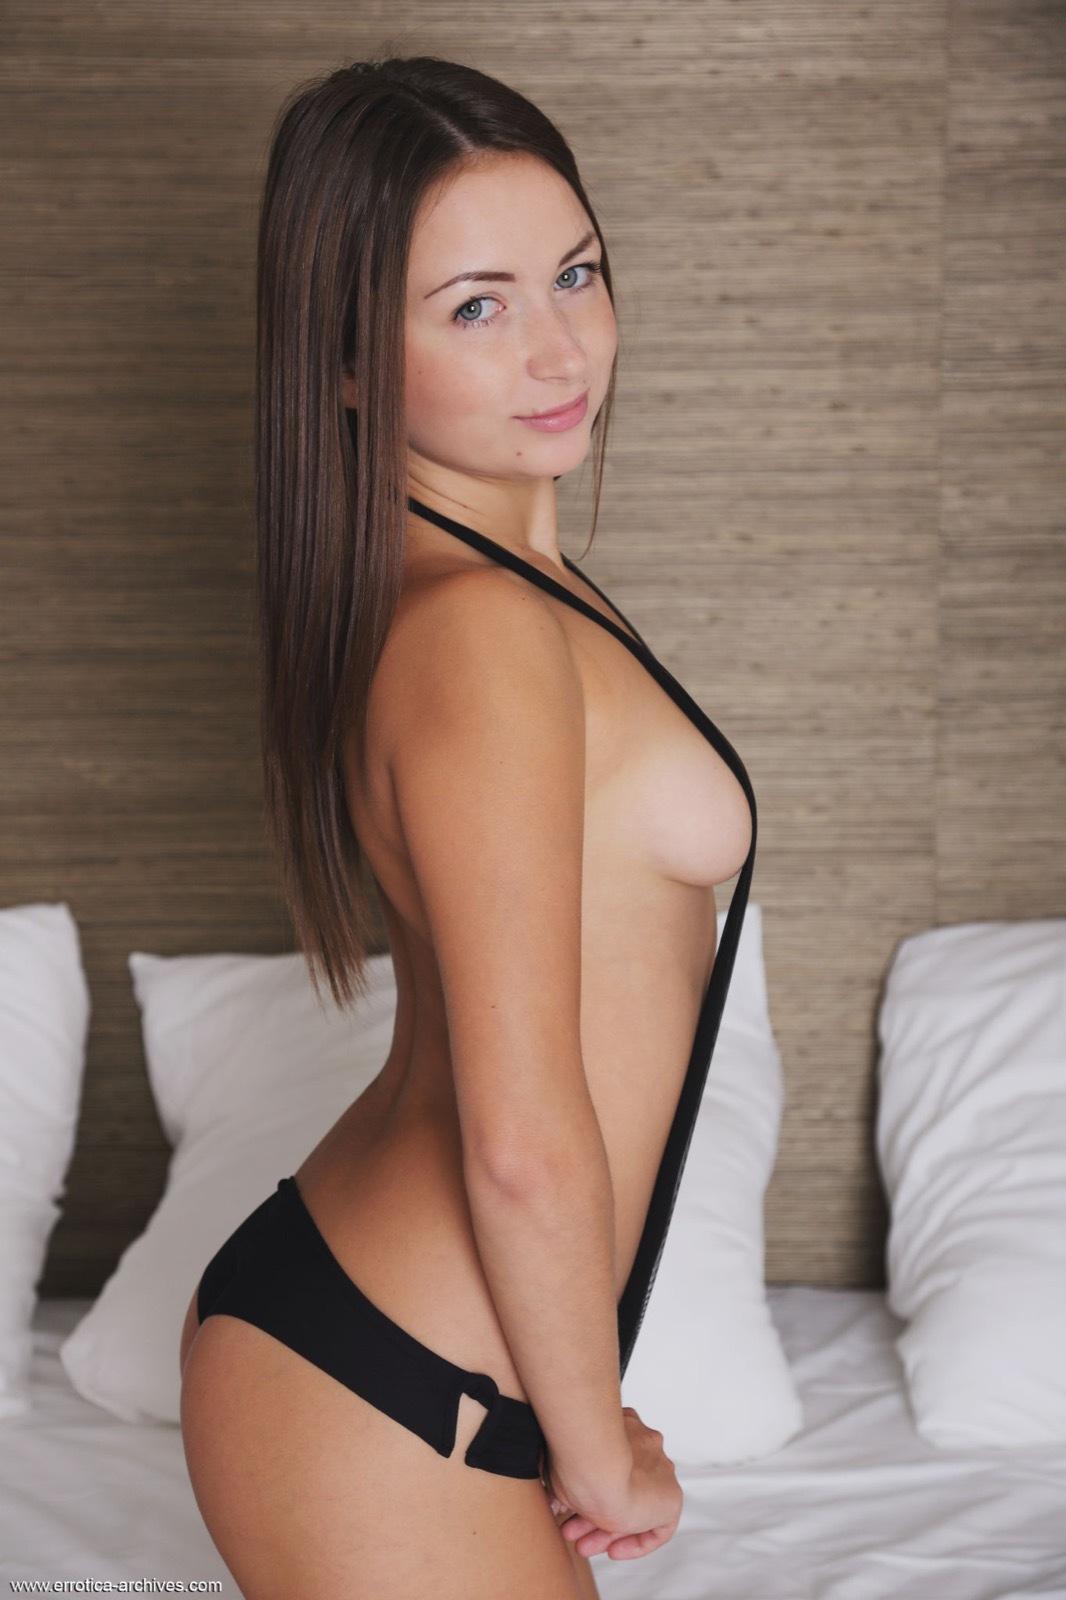 smotret-fotografii-eroticheskih-modeley-mantra-ochistka-biopolya